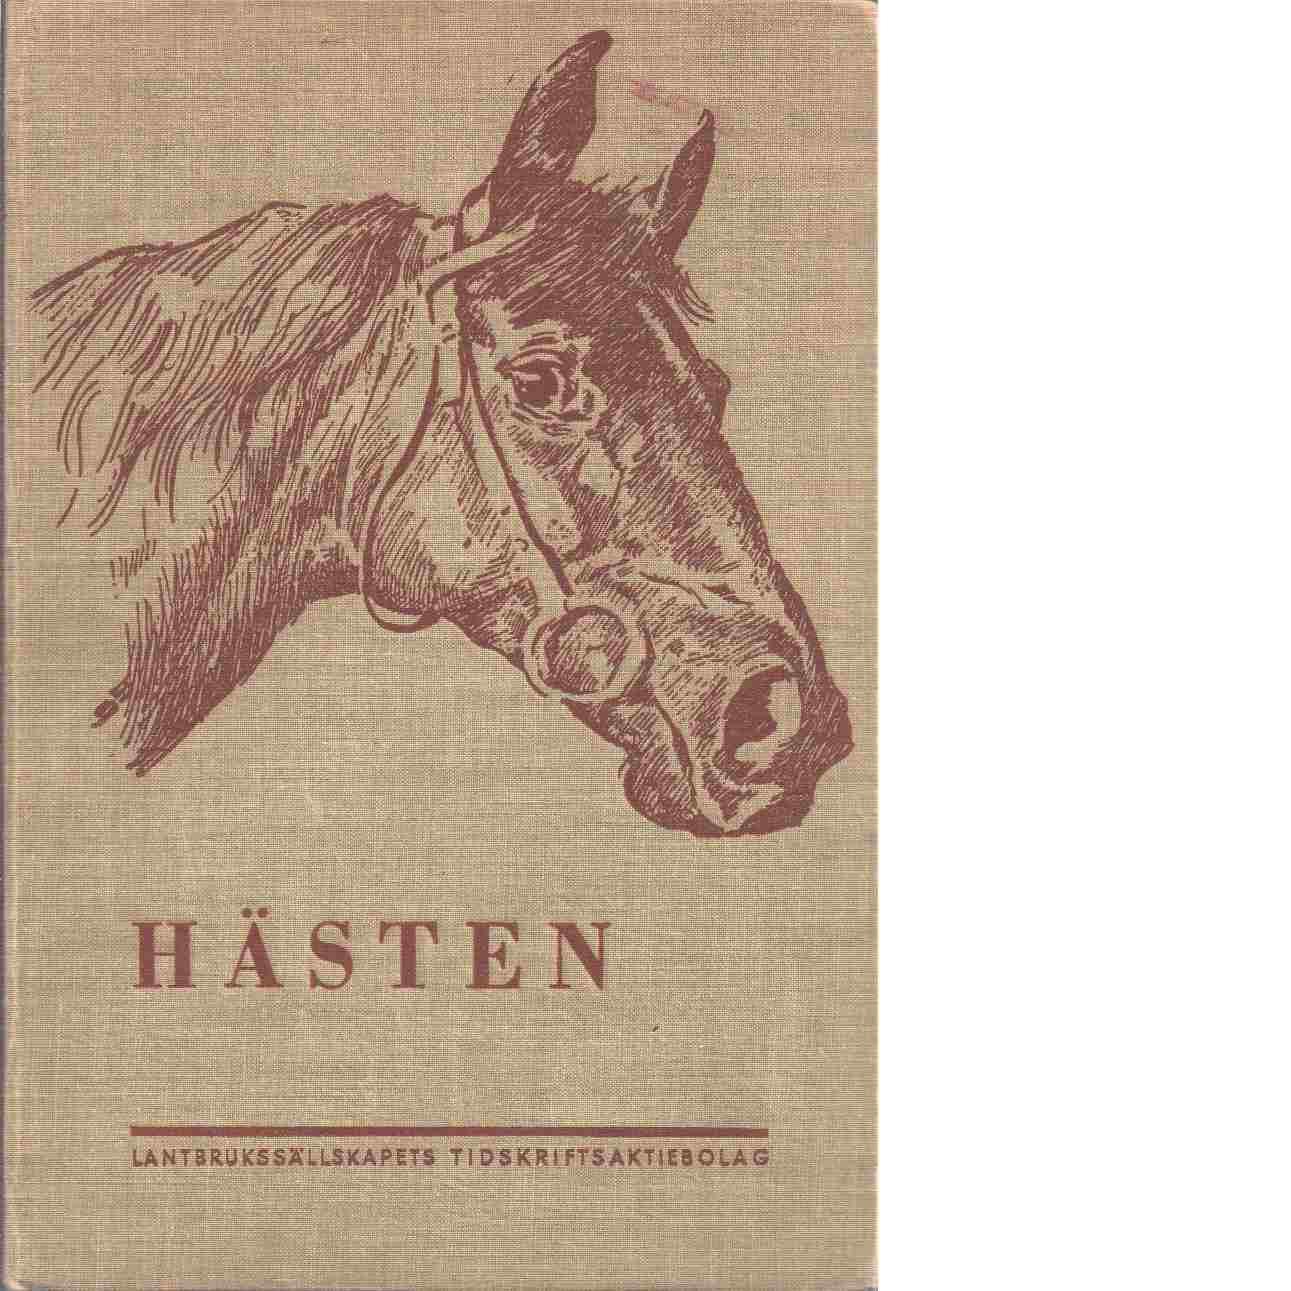 Hästen : Praktisk handbok i hästavel och hästuppfödning - Red. Cassel, Edvard och Liedberg, Gösta samt Stjernswärd, H.